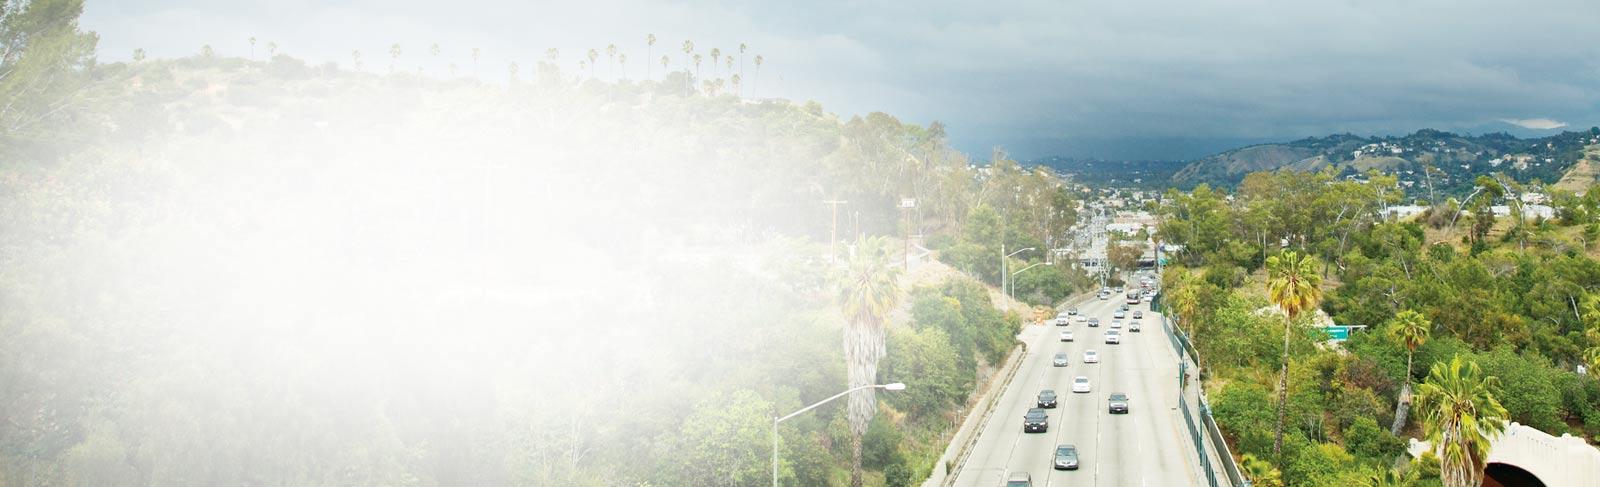 Lebuh raya menghala ke bandar. Baca kisah pelanggan SharePoint 2013 dari seluruh dunia.